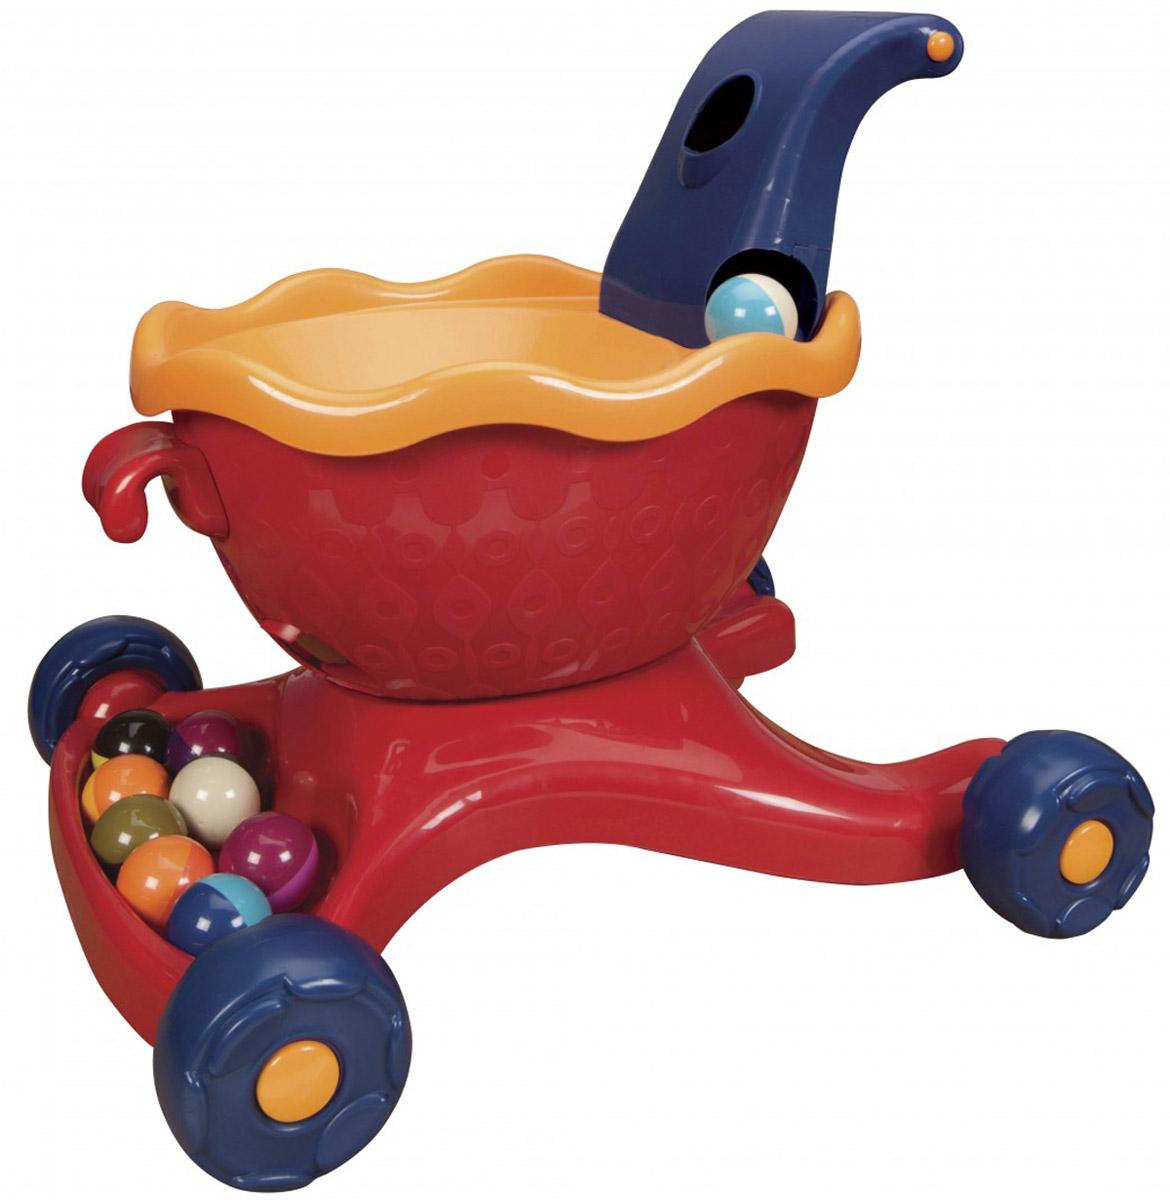 B.Dot Каталка-ходунки с шариками цвет красный68654_розовыйКаталка-ходунки B.Dot приведет в восторг вашего ребенка и поможет ему быстрее научиться ходить. Она выполнена из прочного пластика в виде тележки с разноцветными шариками. Каталка-ходунки оснащена четырьмя резиновыми колесами и широкой ручкой, за которую малышу будет удобно ее катить перед собой. Если бросить шарик в верхнее отверстие, расположенное в ручке, он покатится вниз по кругу, исчезнет внутри тележки и появится в специальном лотке. В комплект входят девять шариков. Ходунки B.Dot помогут вашему ребенку в развитии координации движений, кроме того будут стимулировать к ходьбе, развивать баланс.